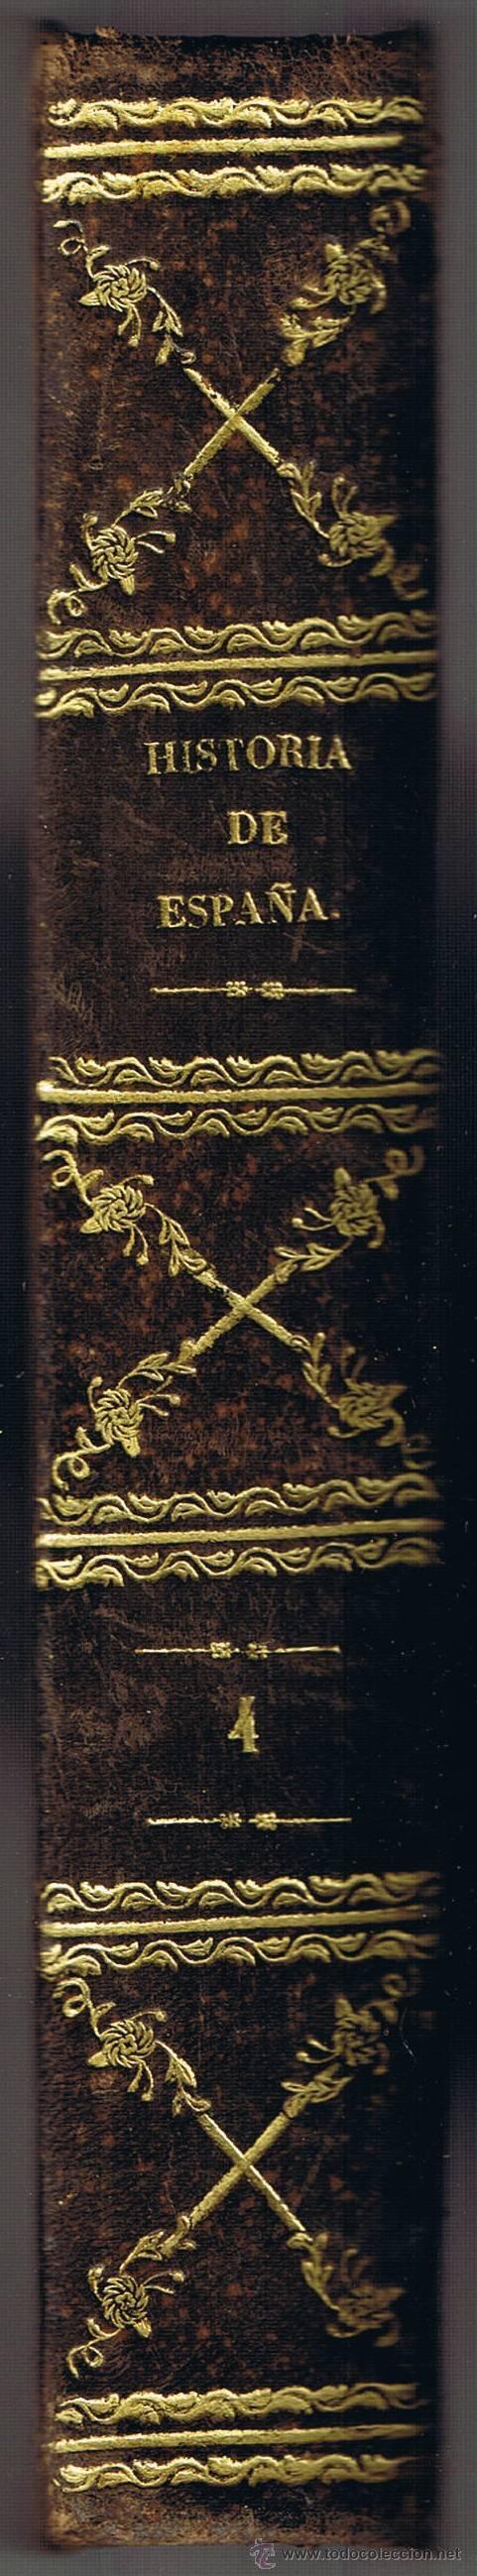 Libros antiguos: HISTORIA GENERAL DE ESPAÑA - TOMO IV - MODESTO LAFUENTE - 1851- - Foto 4 - 44797686